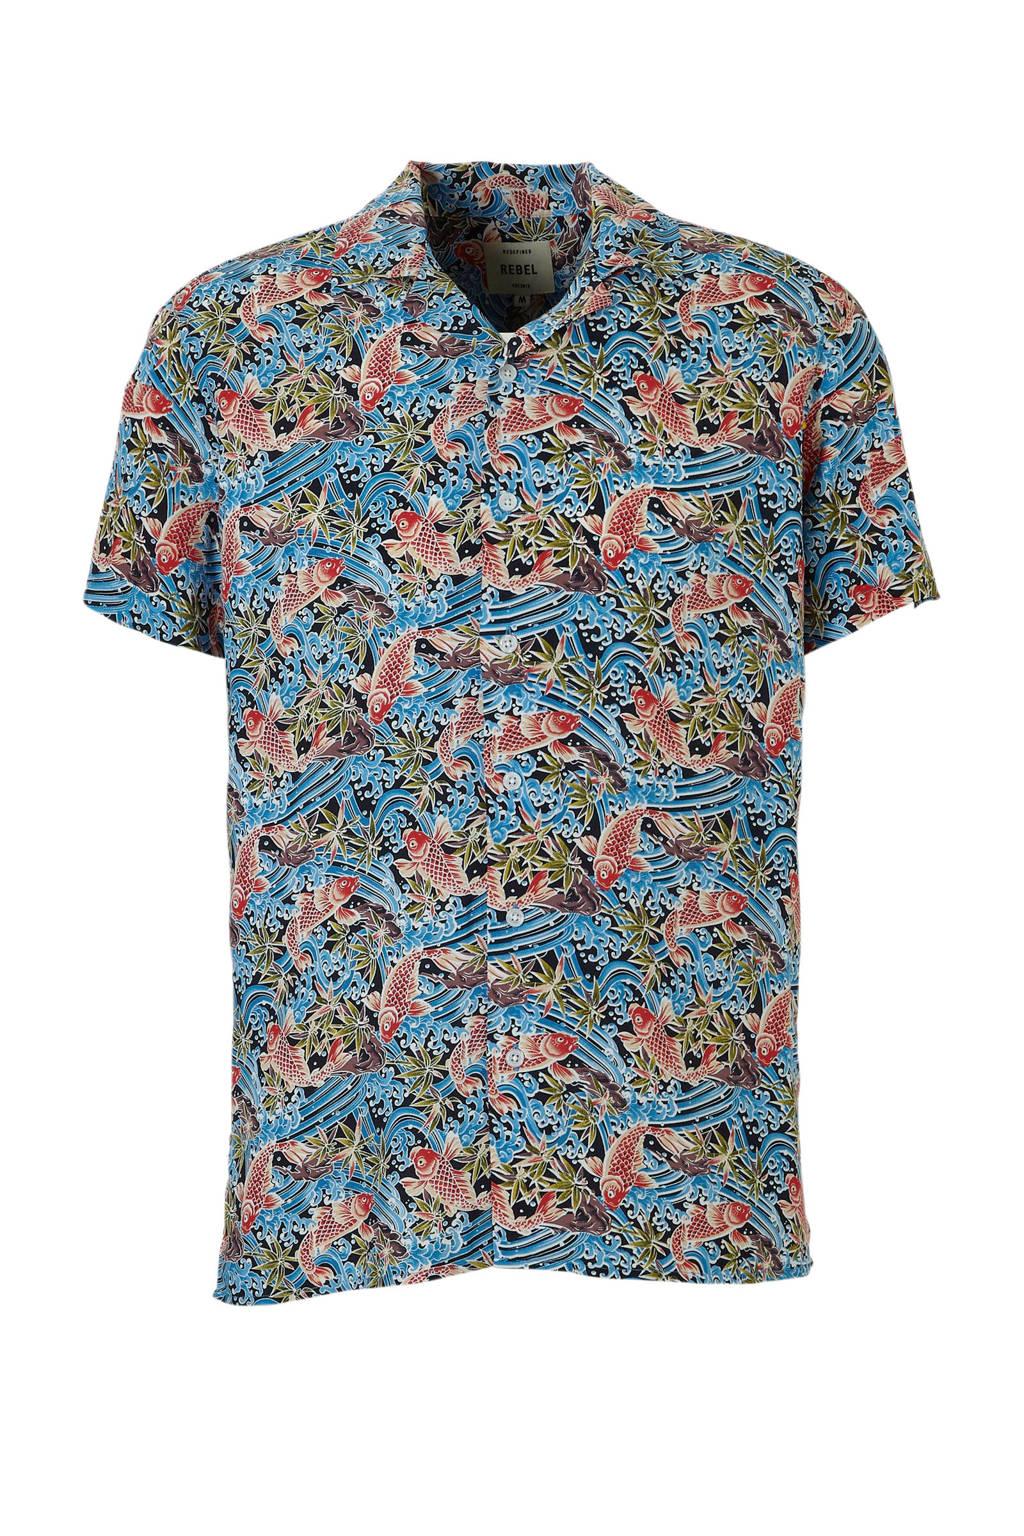 Redefined Rebel overhemd Robert korte mouw, Blauw